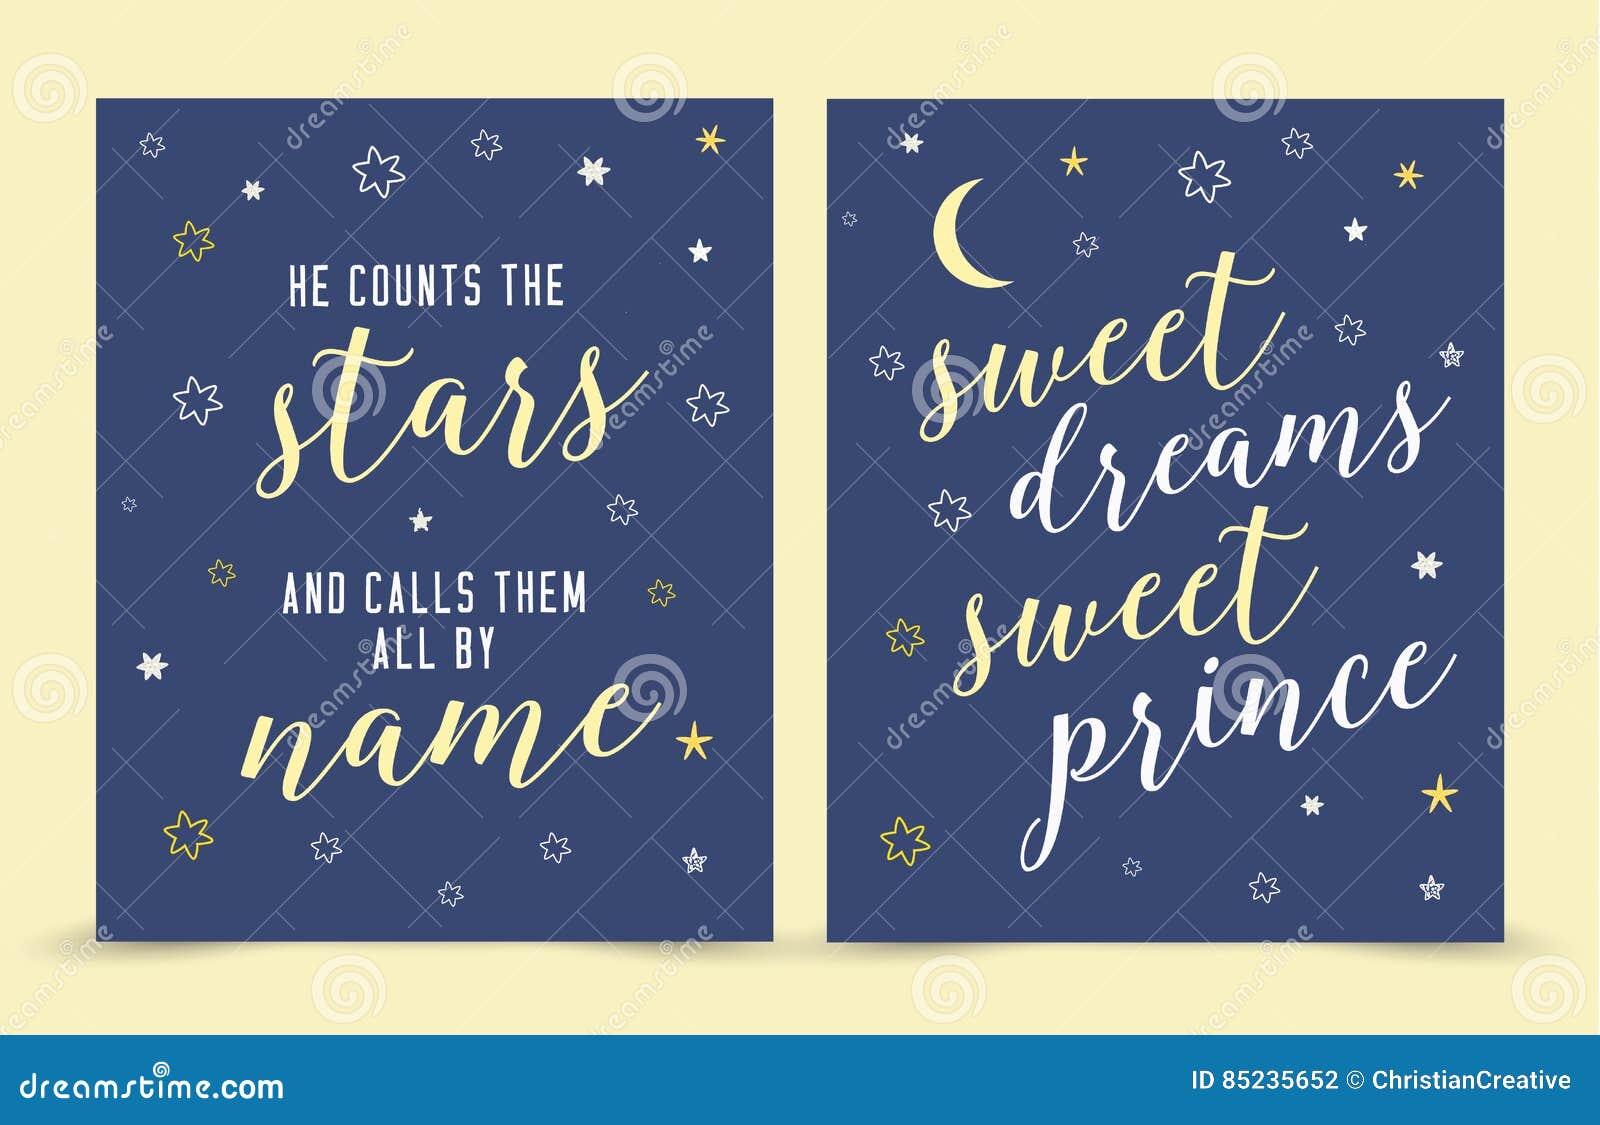 Han räknar stjärnorna och kallar dem till namn; söt prins för söta drömmar!